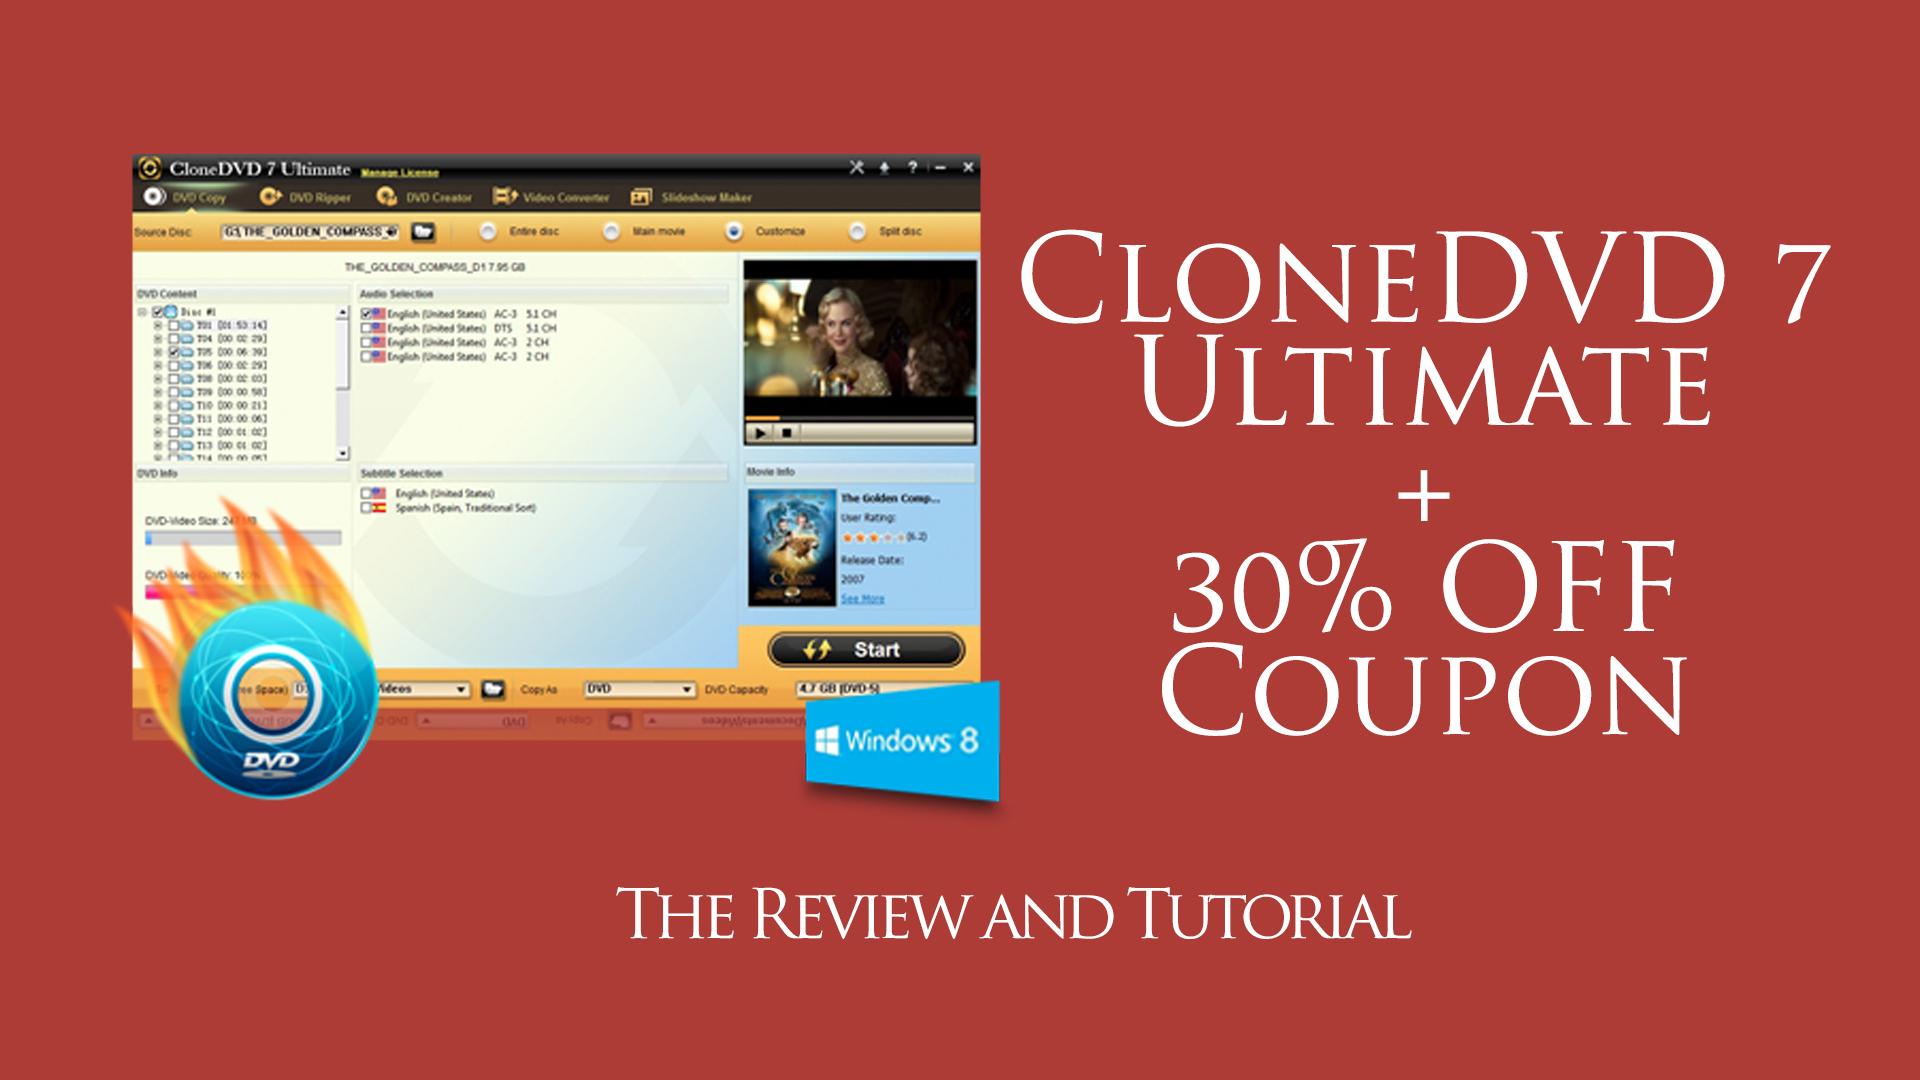 CloneDVD 7 Reviews + 30% OFF Coupon | Stevehack